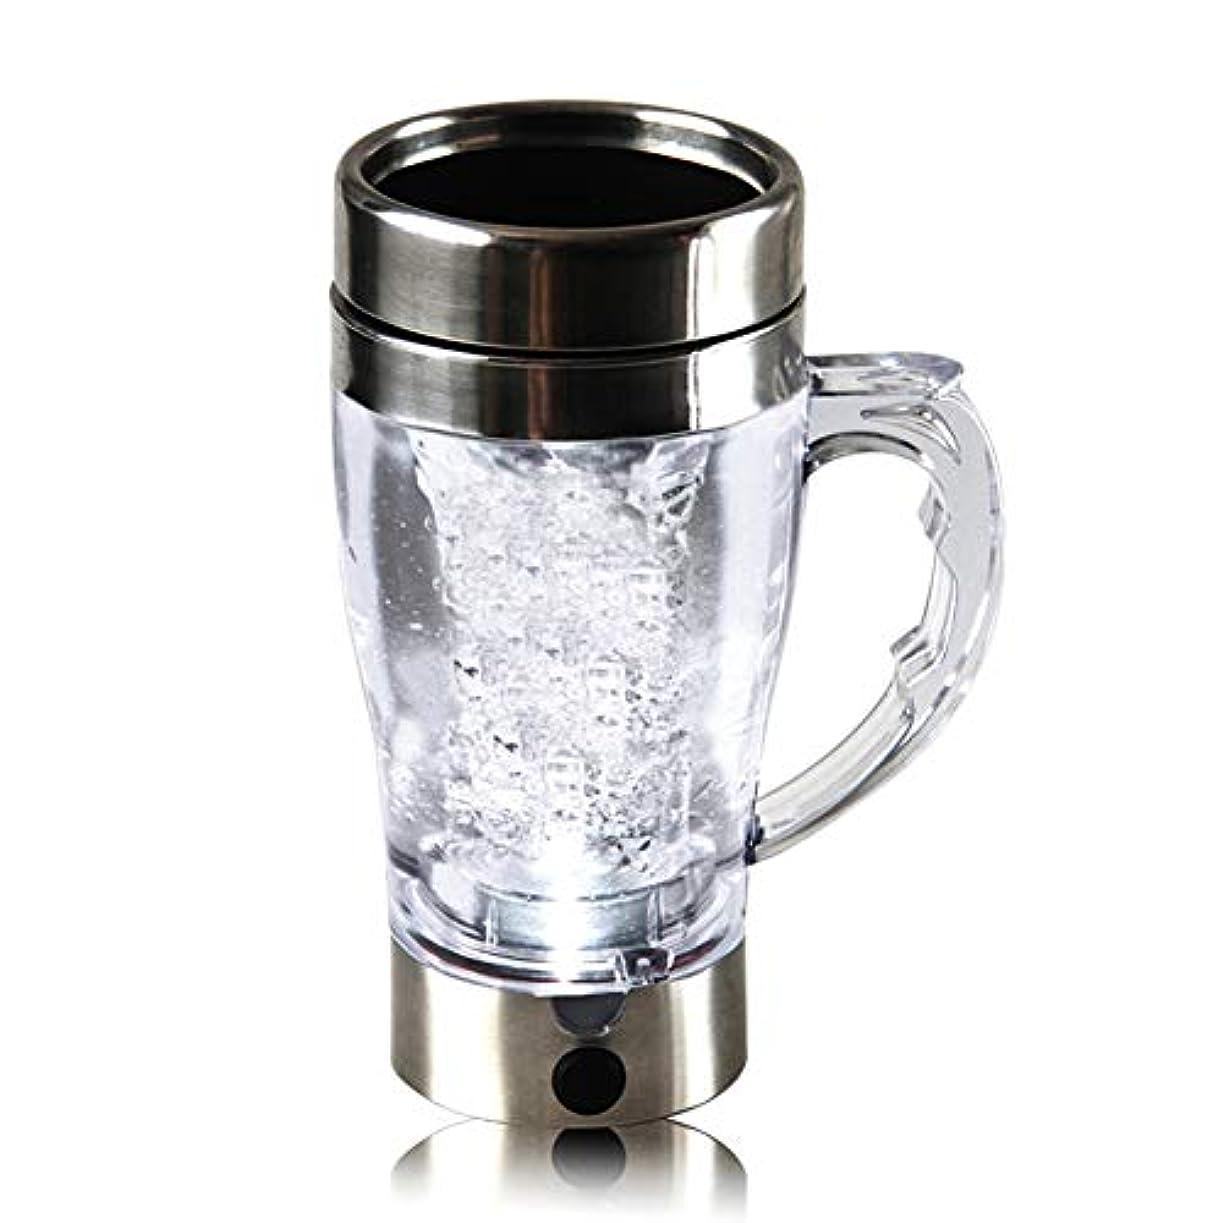 救援コミュニケーション悲しいBULemon自動ミキシングコーヒーミルク動シェーカー プロテインシェイカー シェーカーボトル 電動 耐熱 コーヒーミキサー オートミキシング ボトルブレンダー